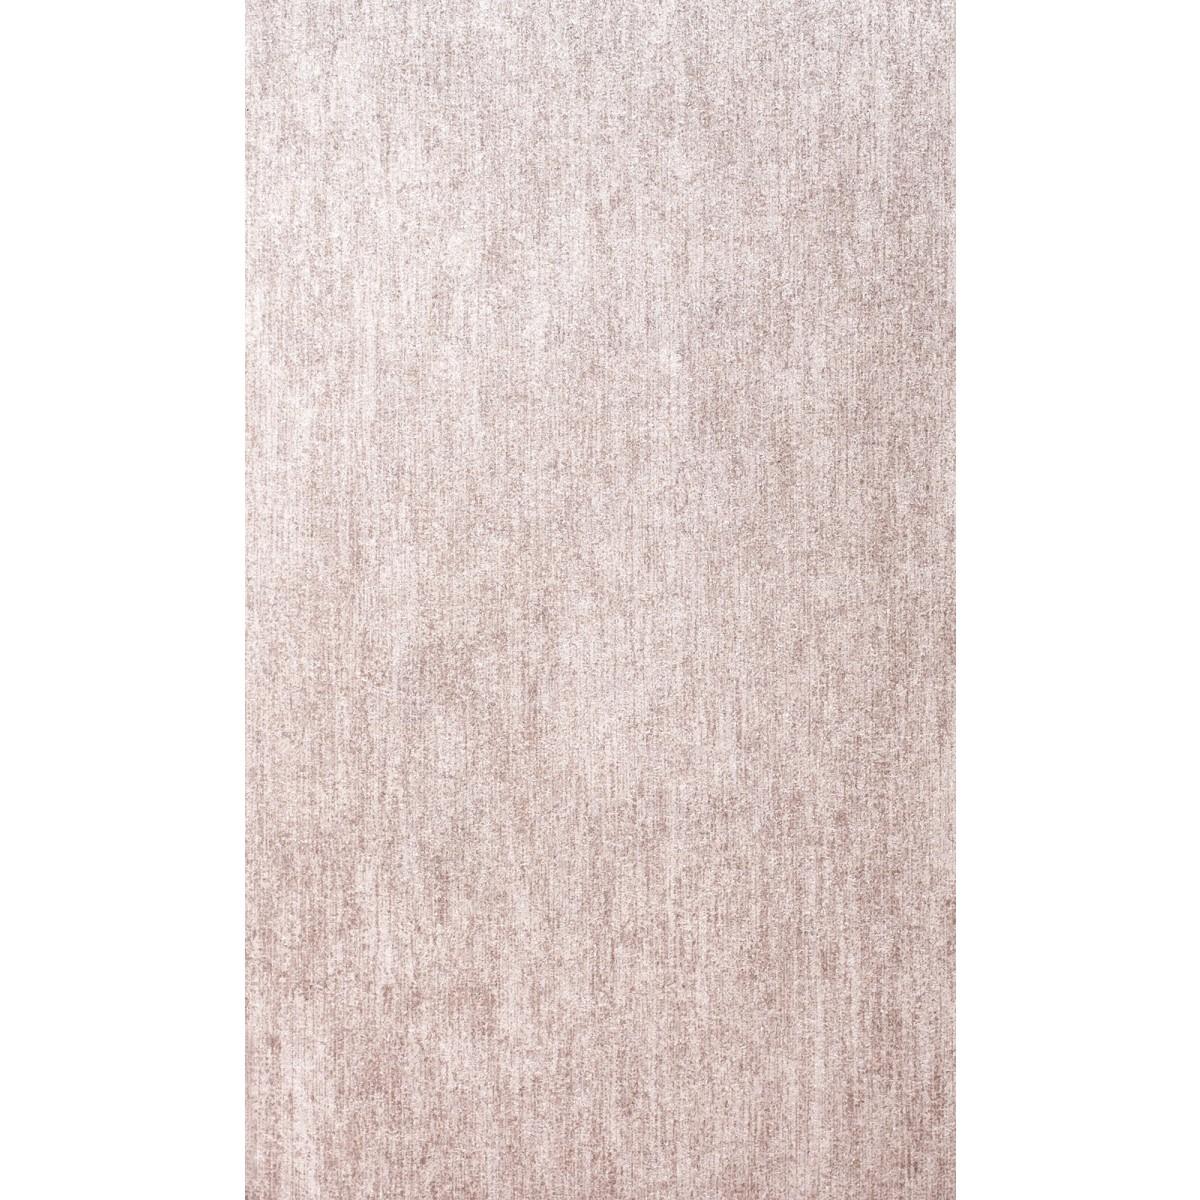 Обои флизелиновые Prospero Indigo розовые 0.53 м 226521